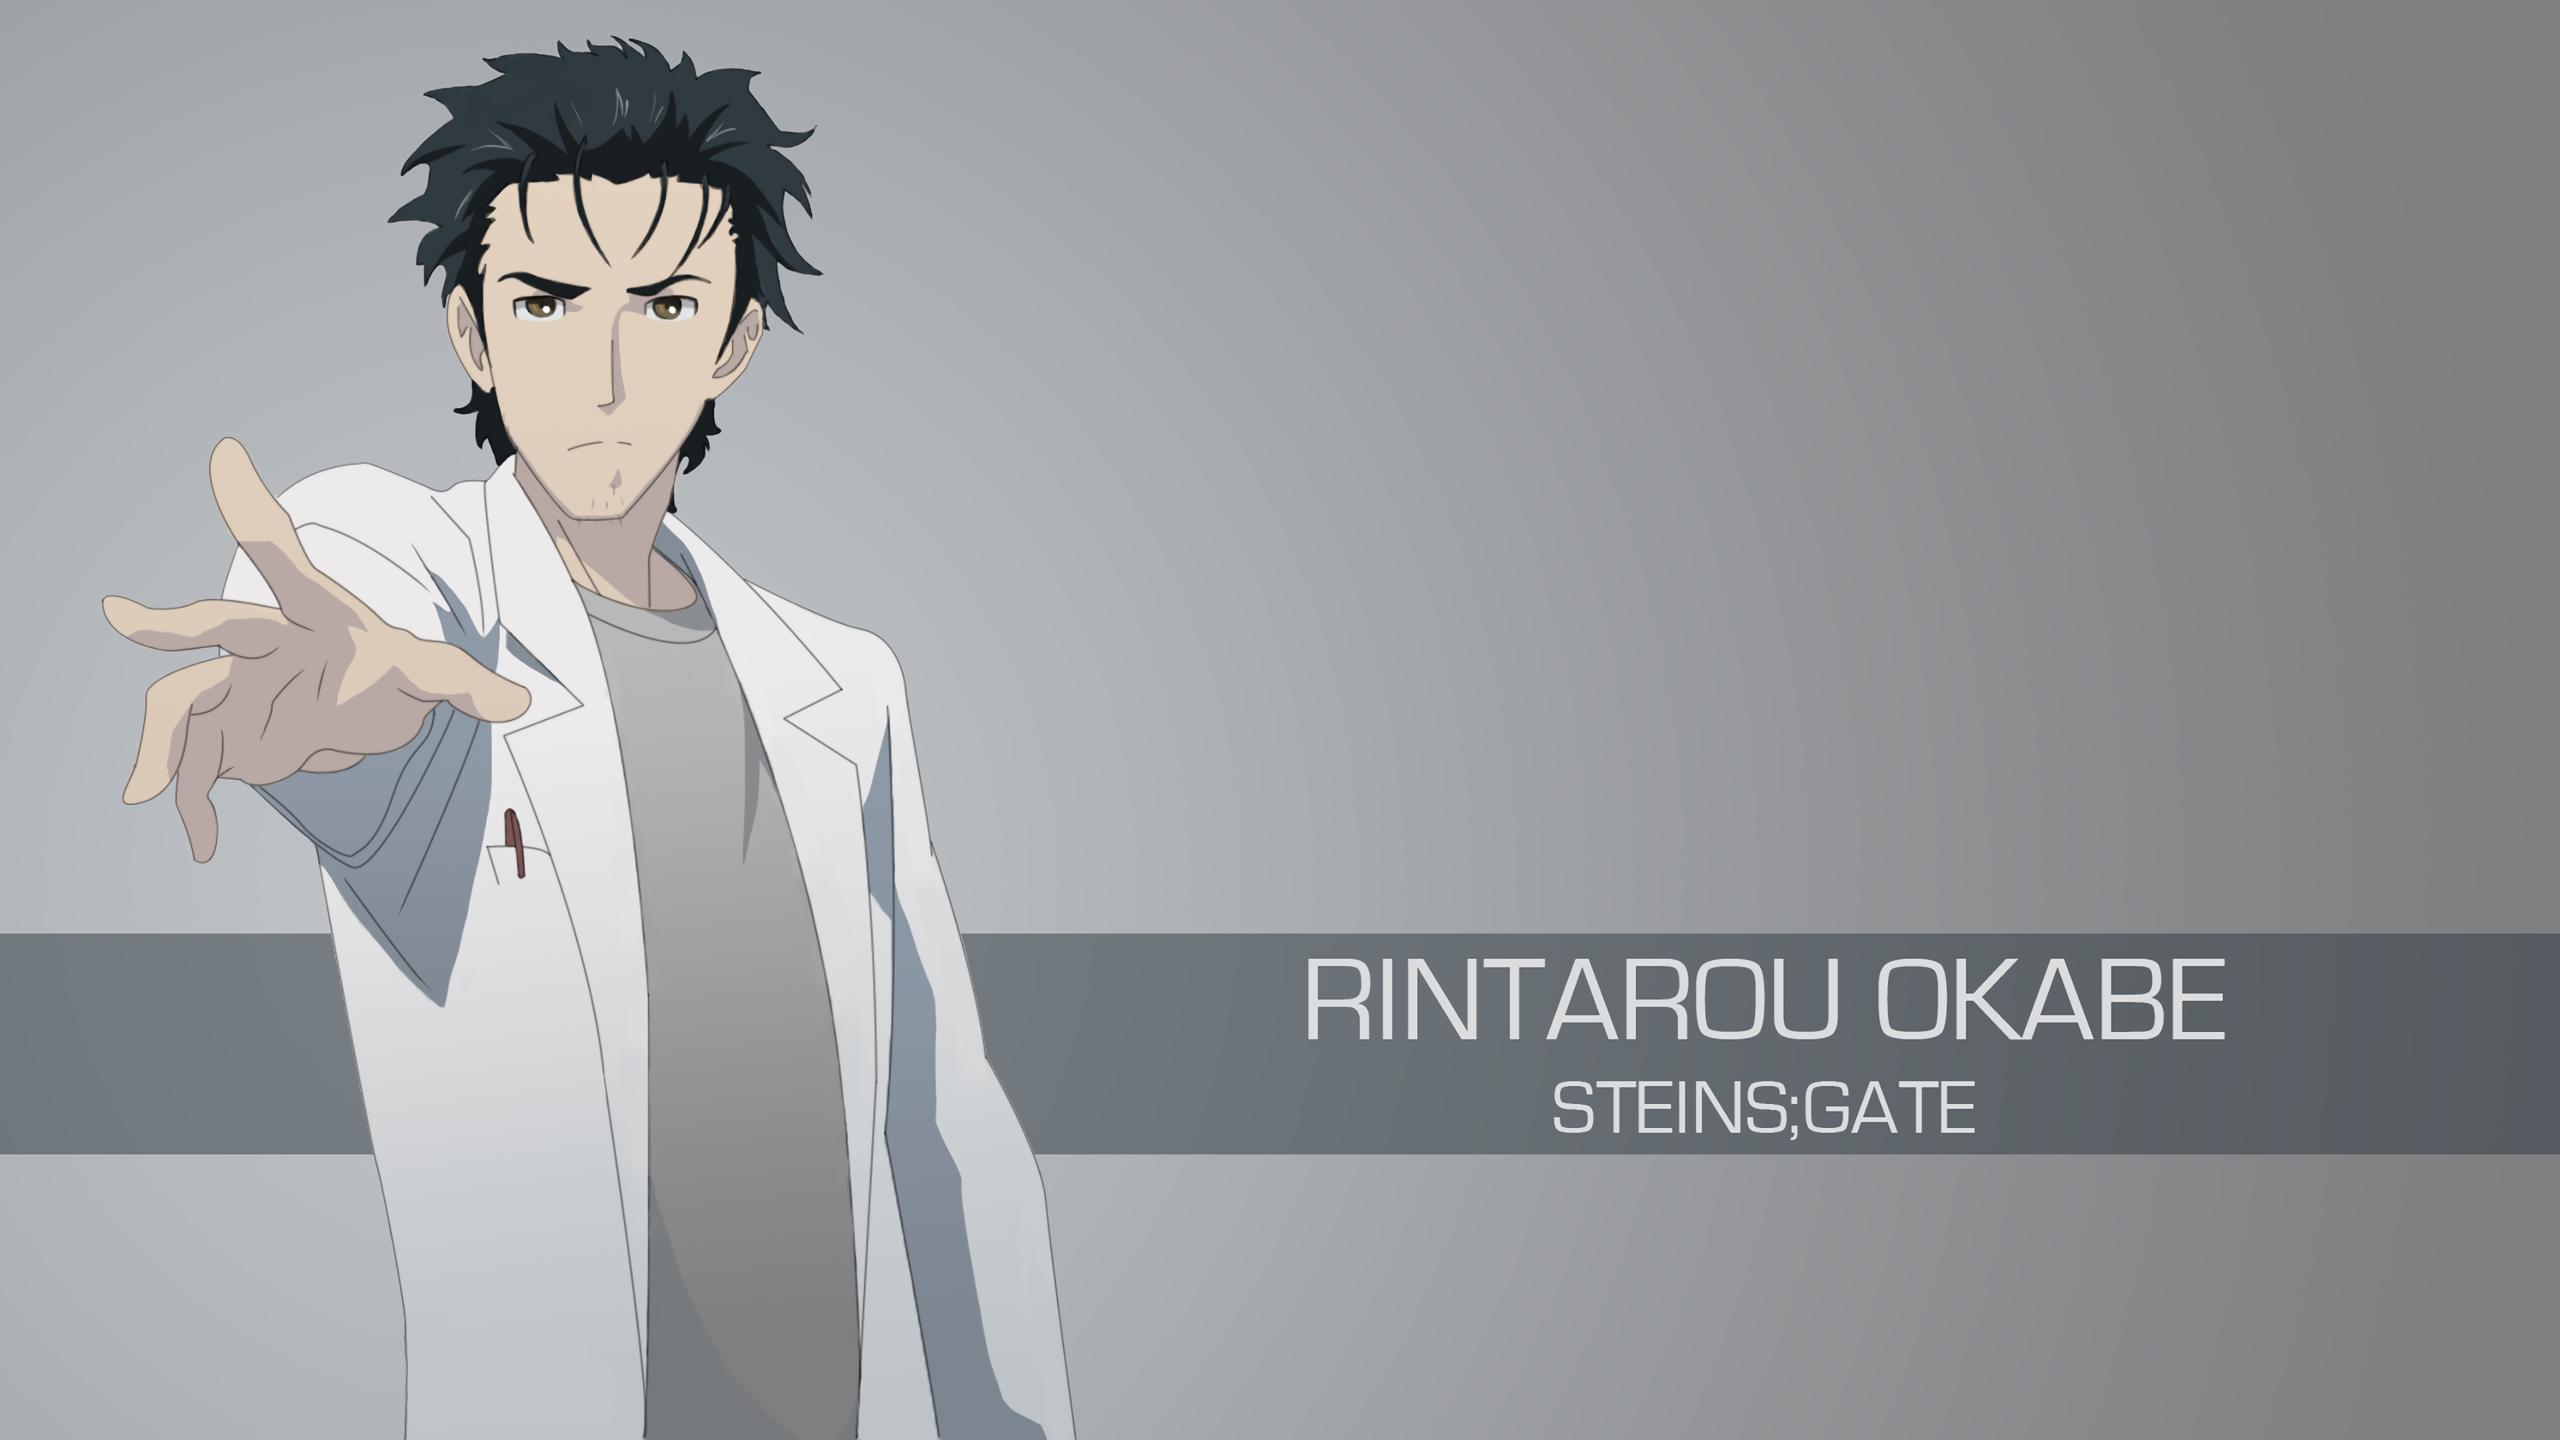 Steins Gate-Rintarou Okabe by spectralfire234 on DeviantArt